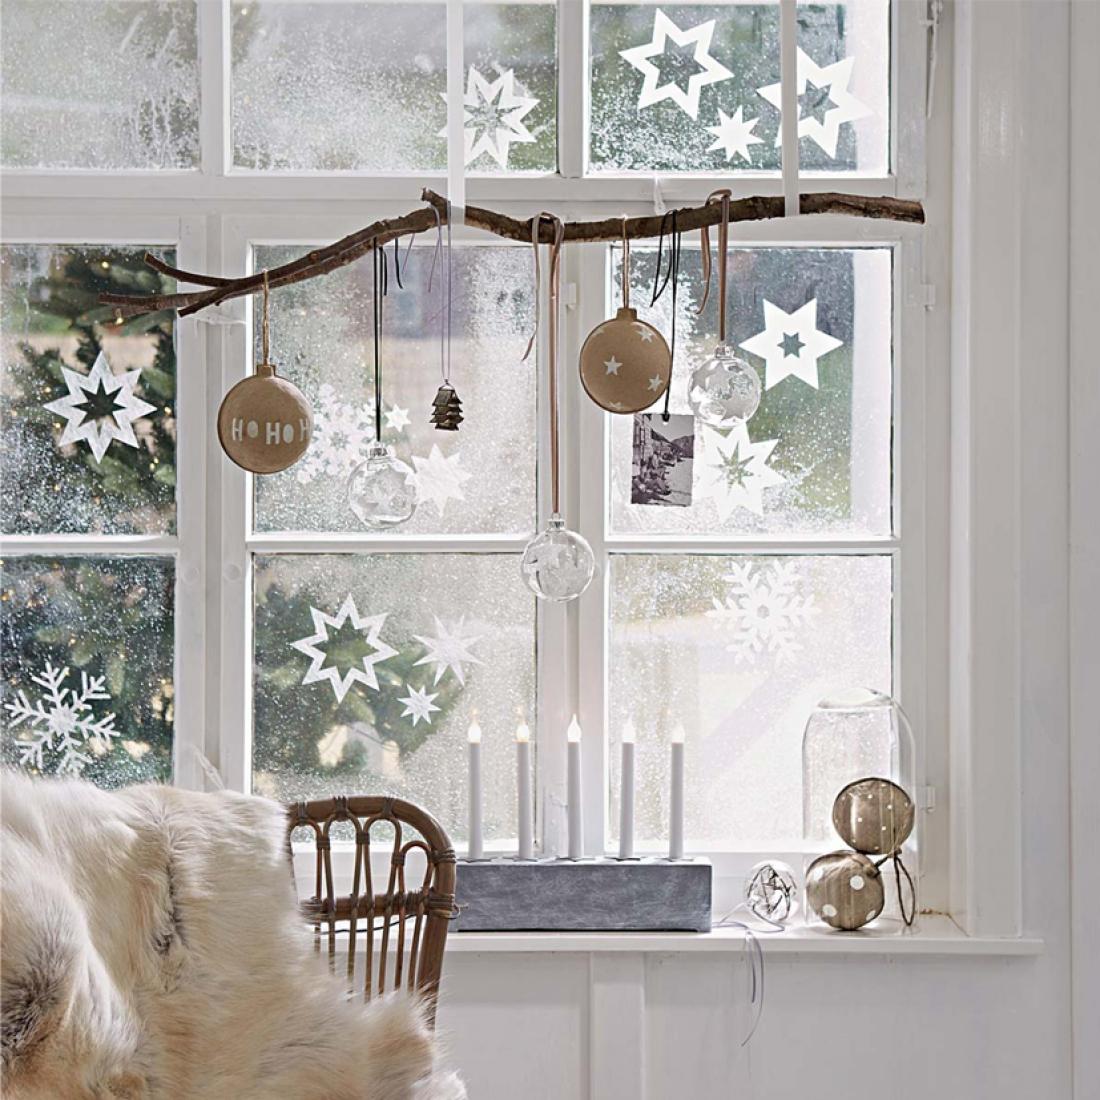 Маленькие снежинки в декоре окна на Новый год